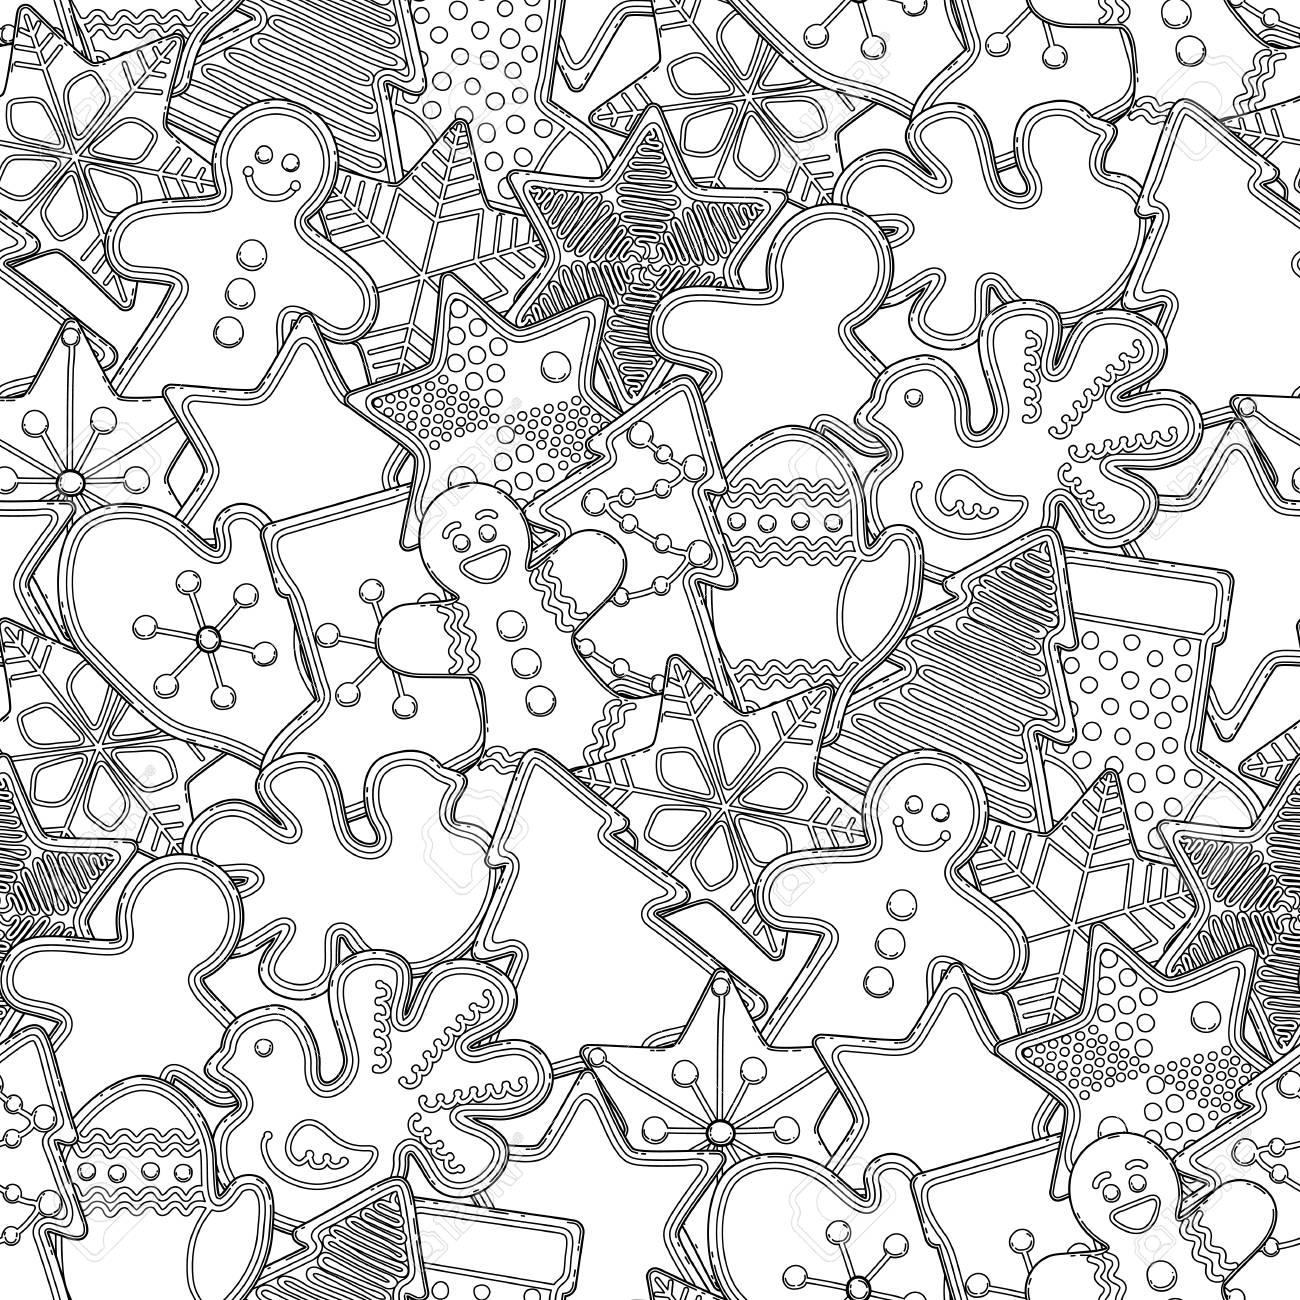 Tolle Formen Malbuch Ideen - Druckbare Malvorlagen - amaichi.info